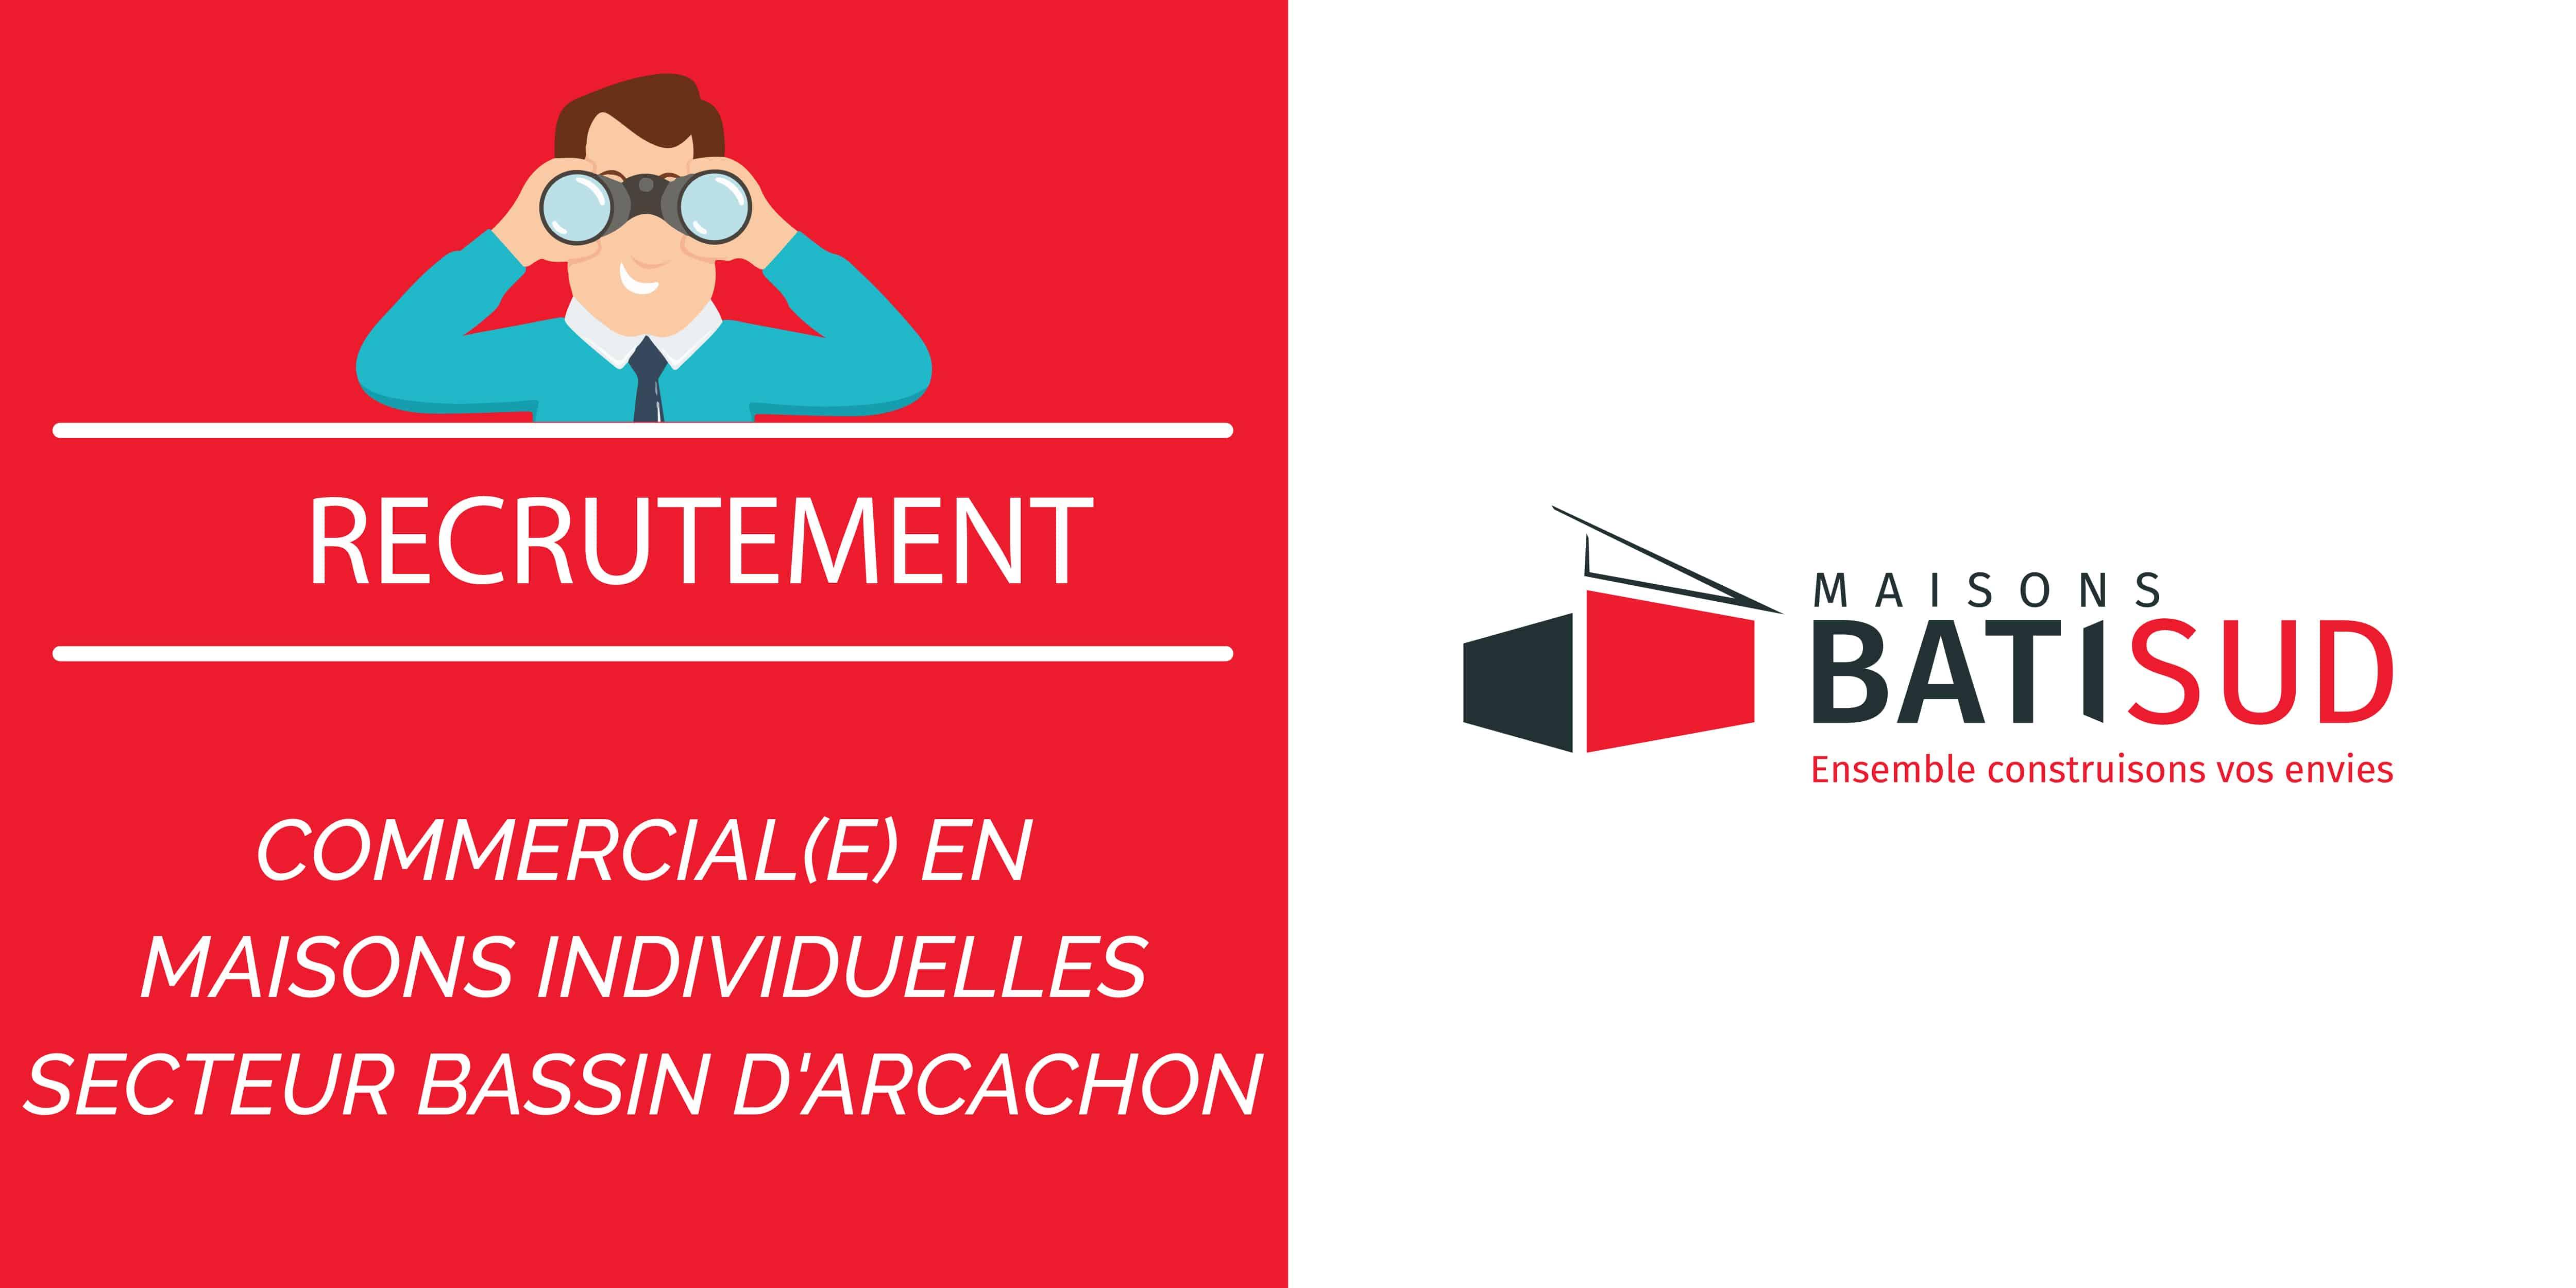 MAISONS BATI SUD recrute ! Nous recherchons un(e) COMMERCIAL(E) EN MAISONS INDIVIDUELLES, secteur Bassin d'Arcachon